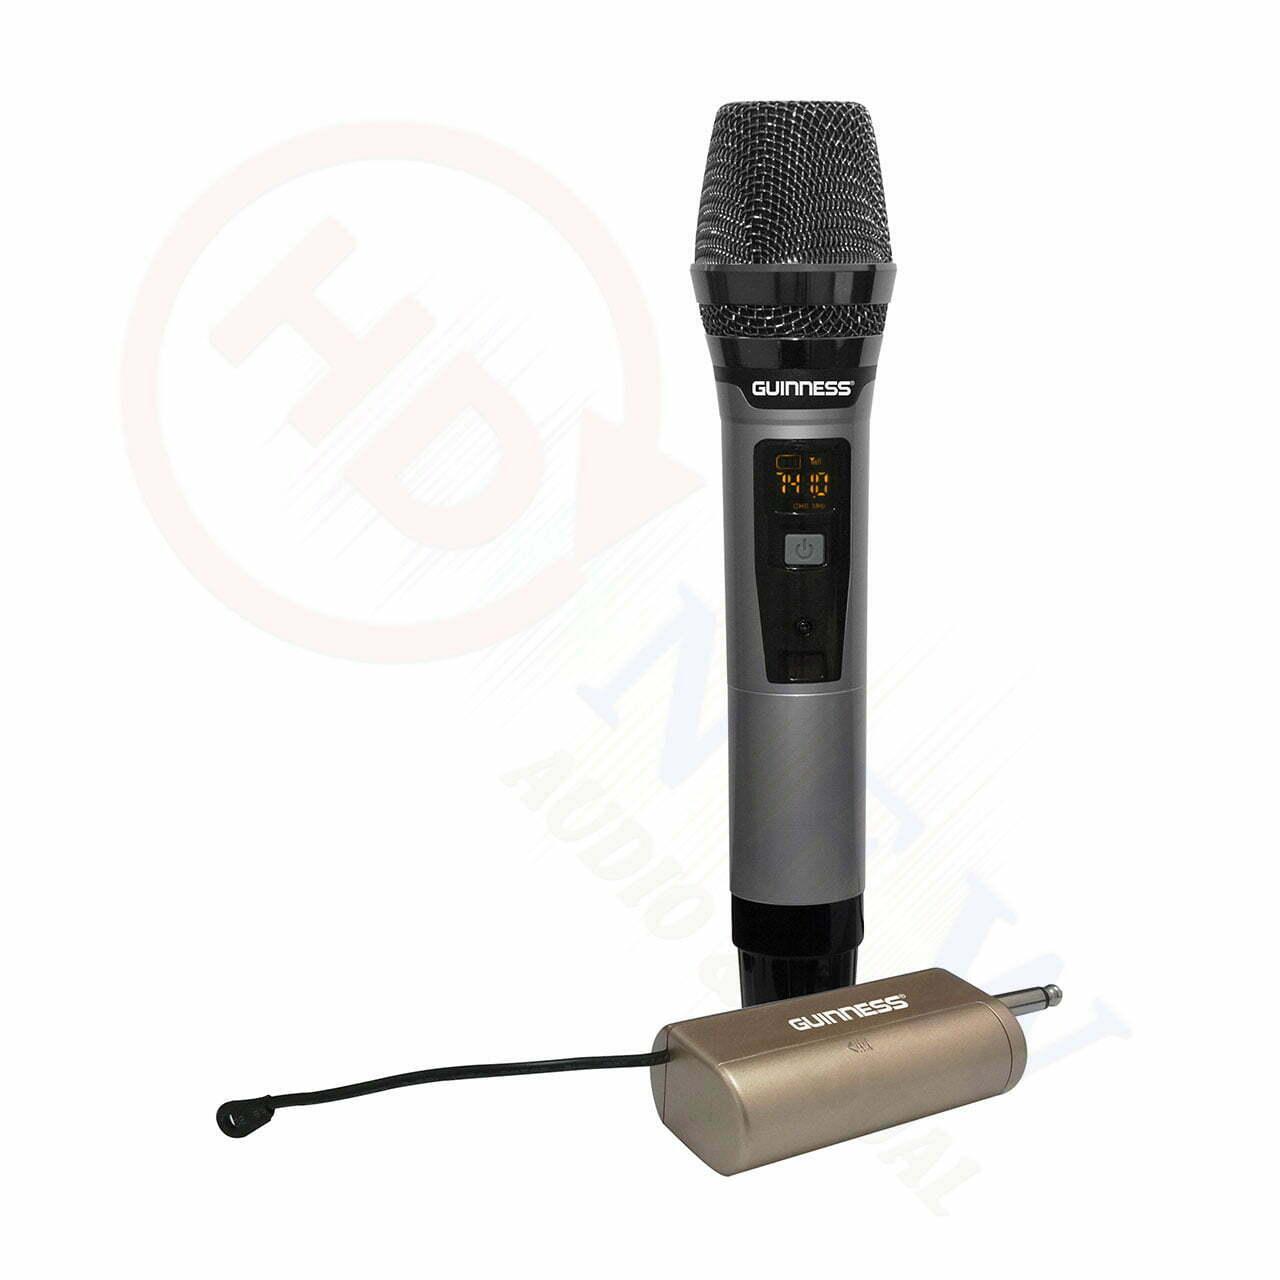 Guinness M-810S | Micro không dây | HDnew - Chia sẻ đam mê